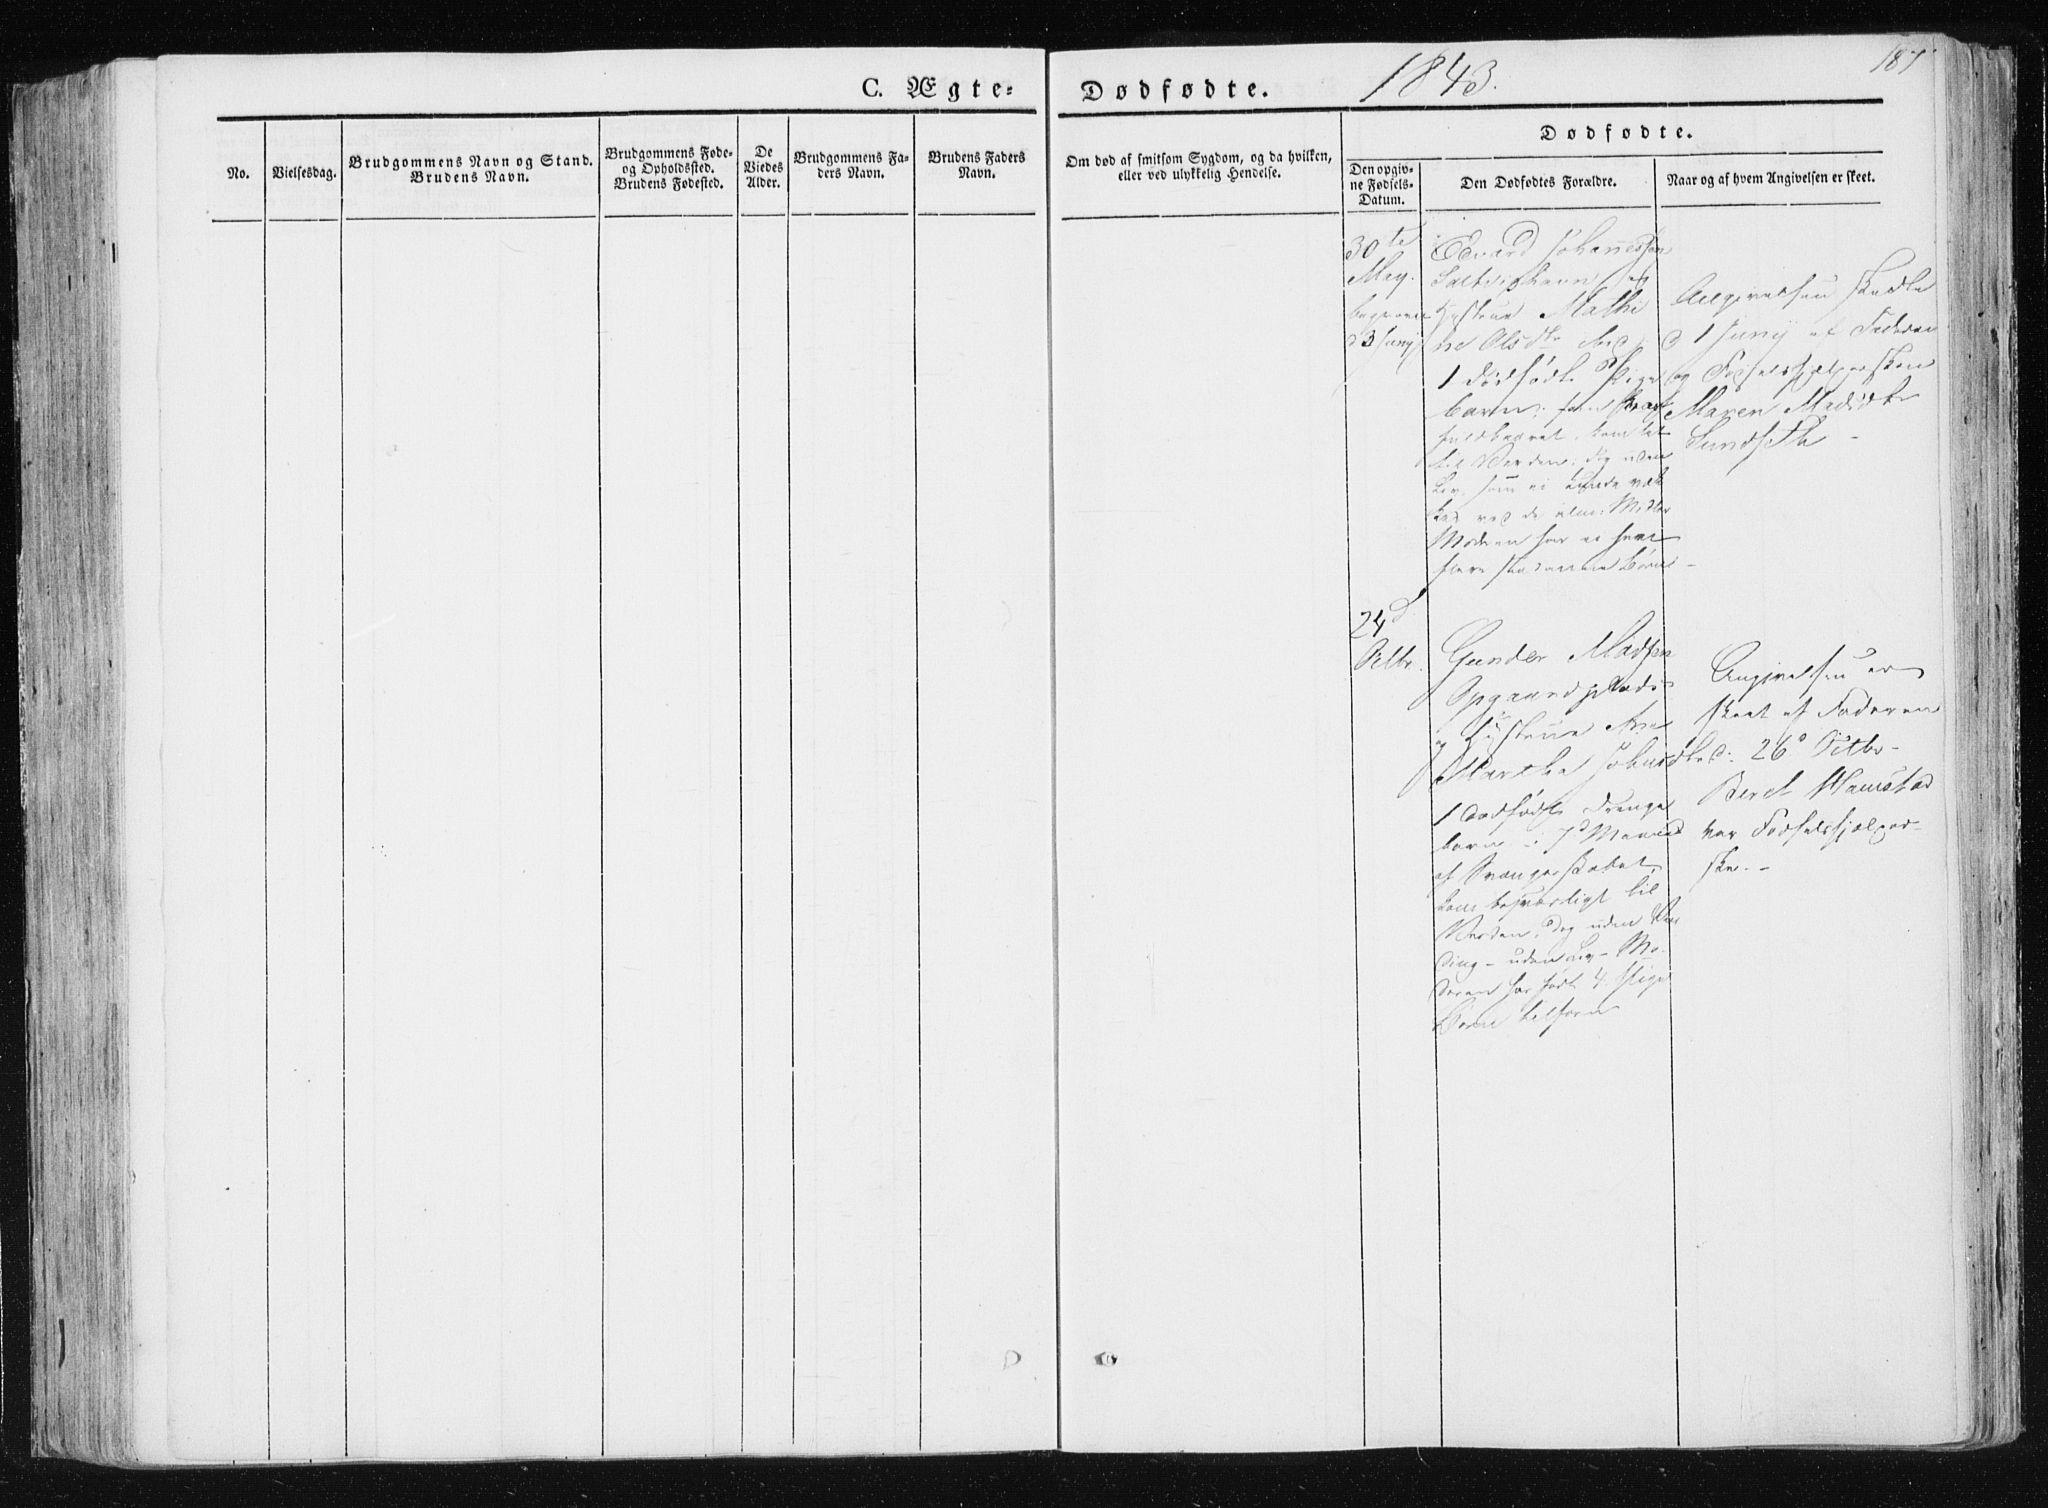 SAT, Ministerialprotokoller, klokkerbøker og fødselsregistre - Nord-Trøndelag, 733/L0323: Ministerialbok nr. 733A02, 1843-1870, s. 187